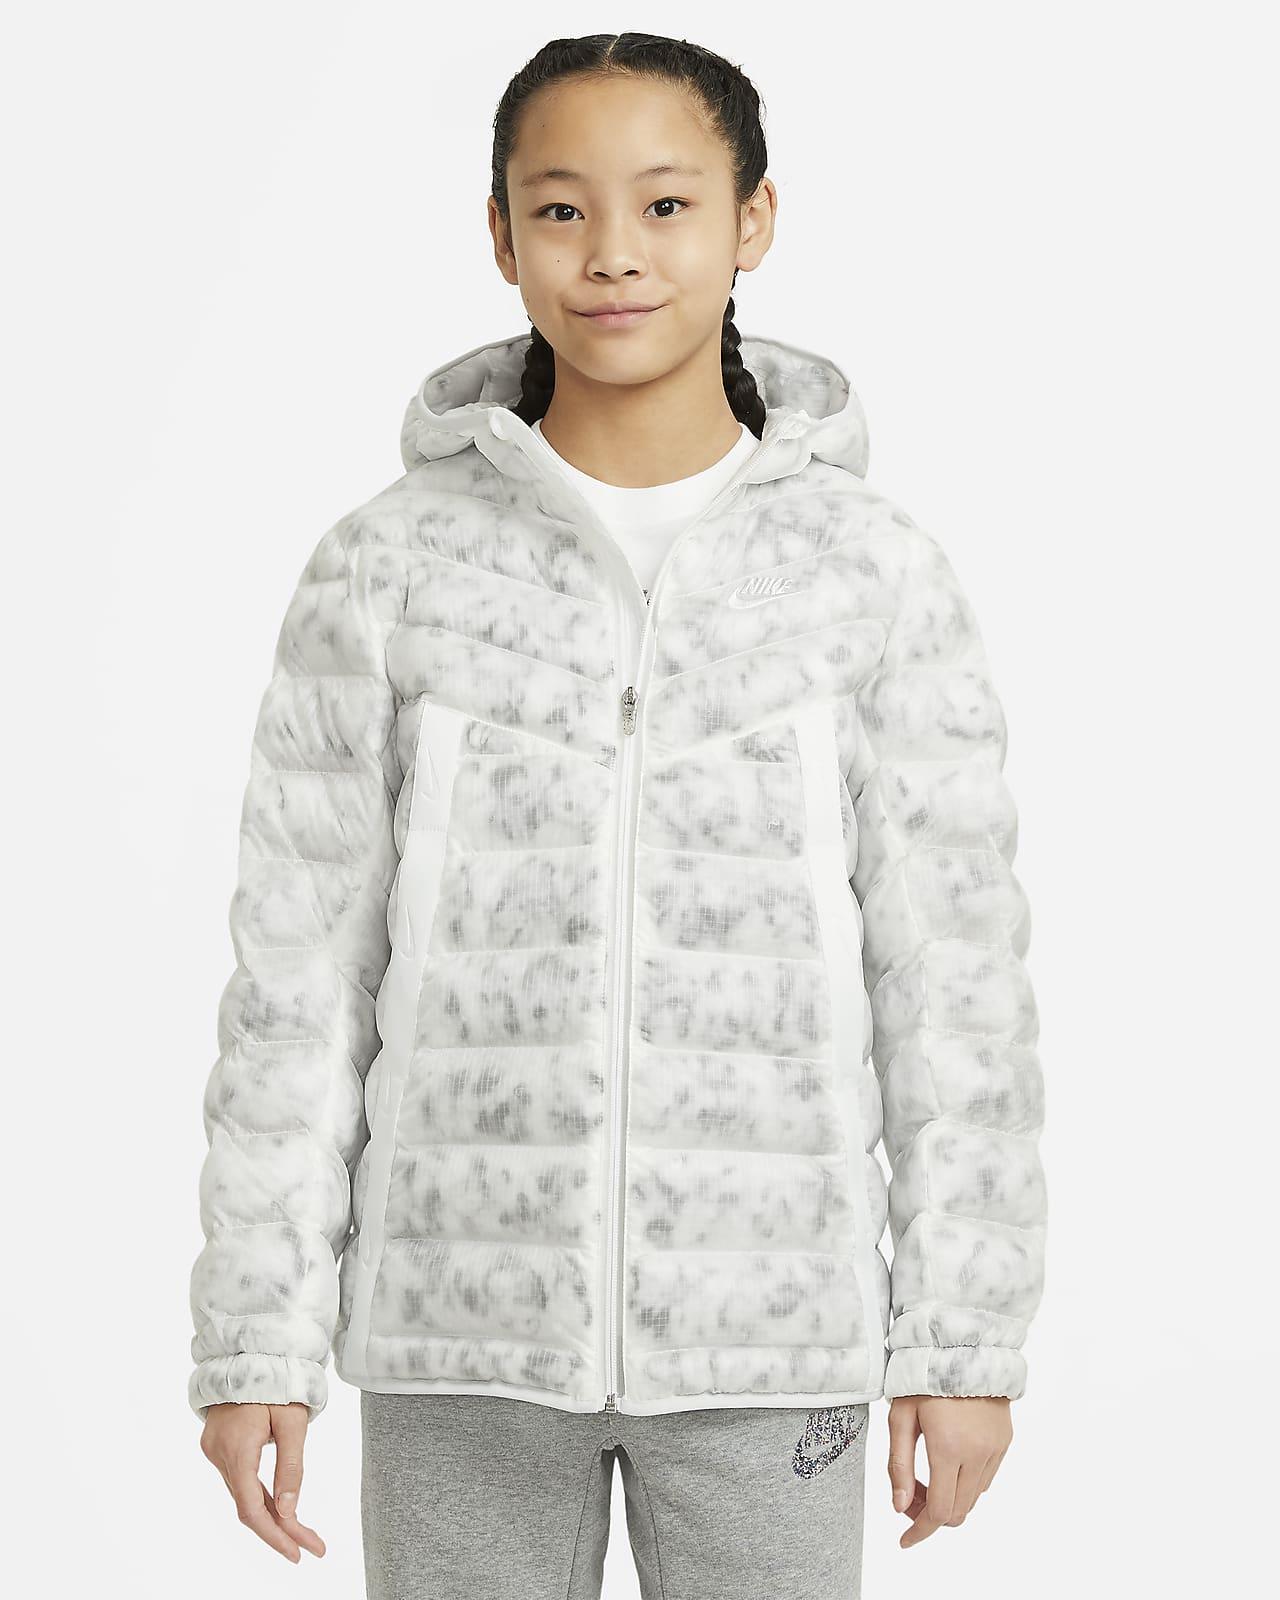 Chamarra con aspecto de mármol repelente al agua con relleno sintético para niños talla grande Nike Sportswear